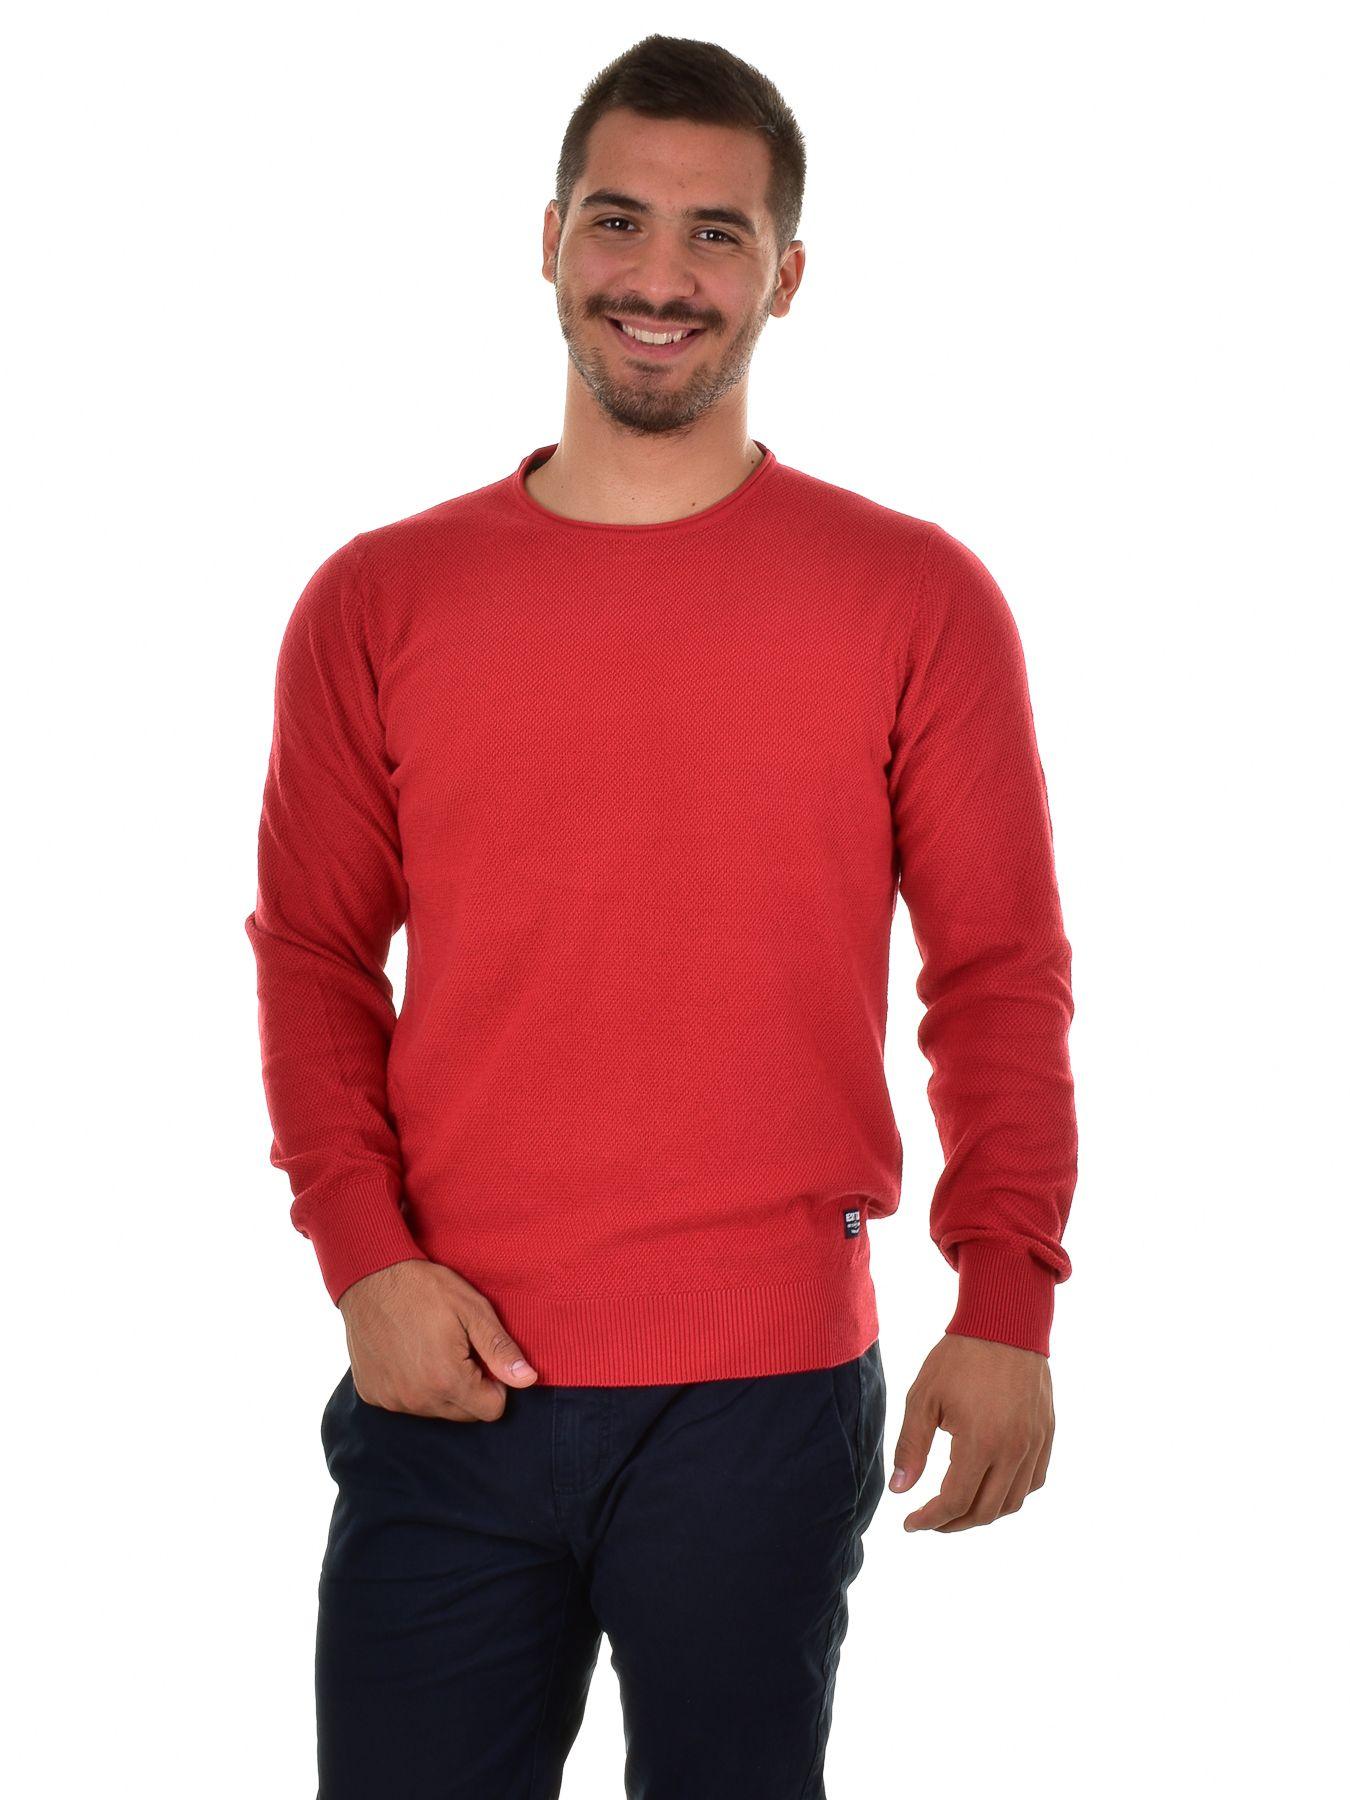 Férfi adidas Originals Trefoil Póló Piros GLAMI.hu